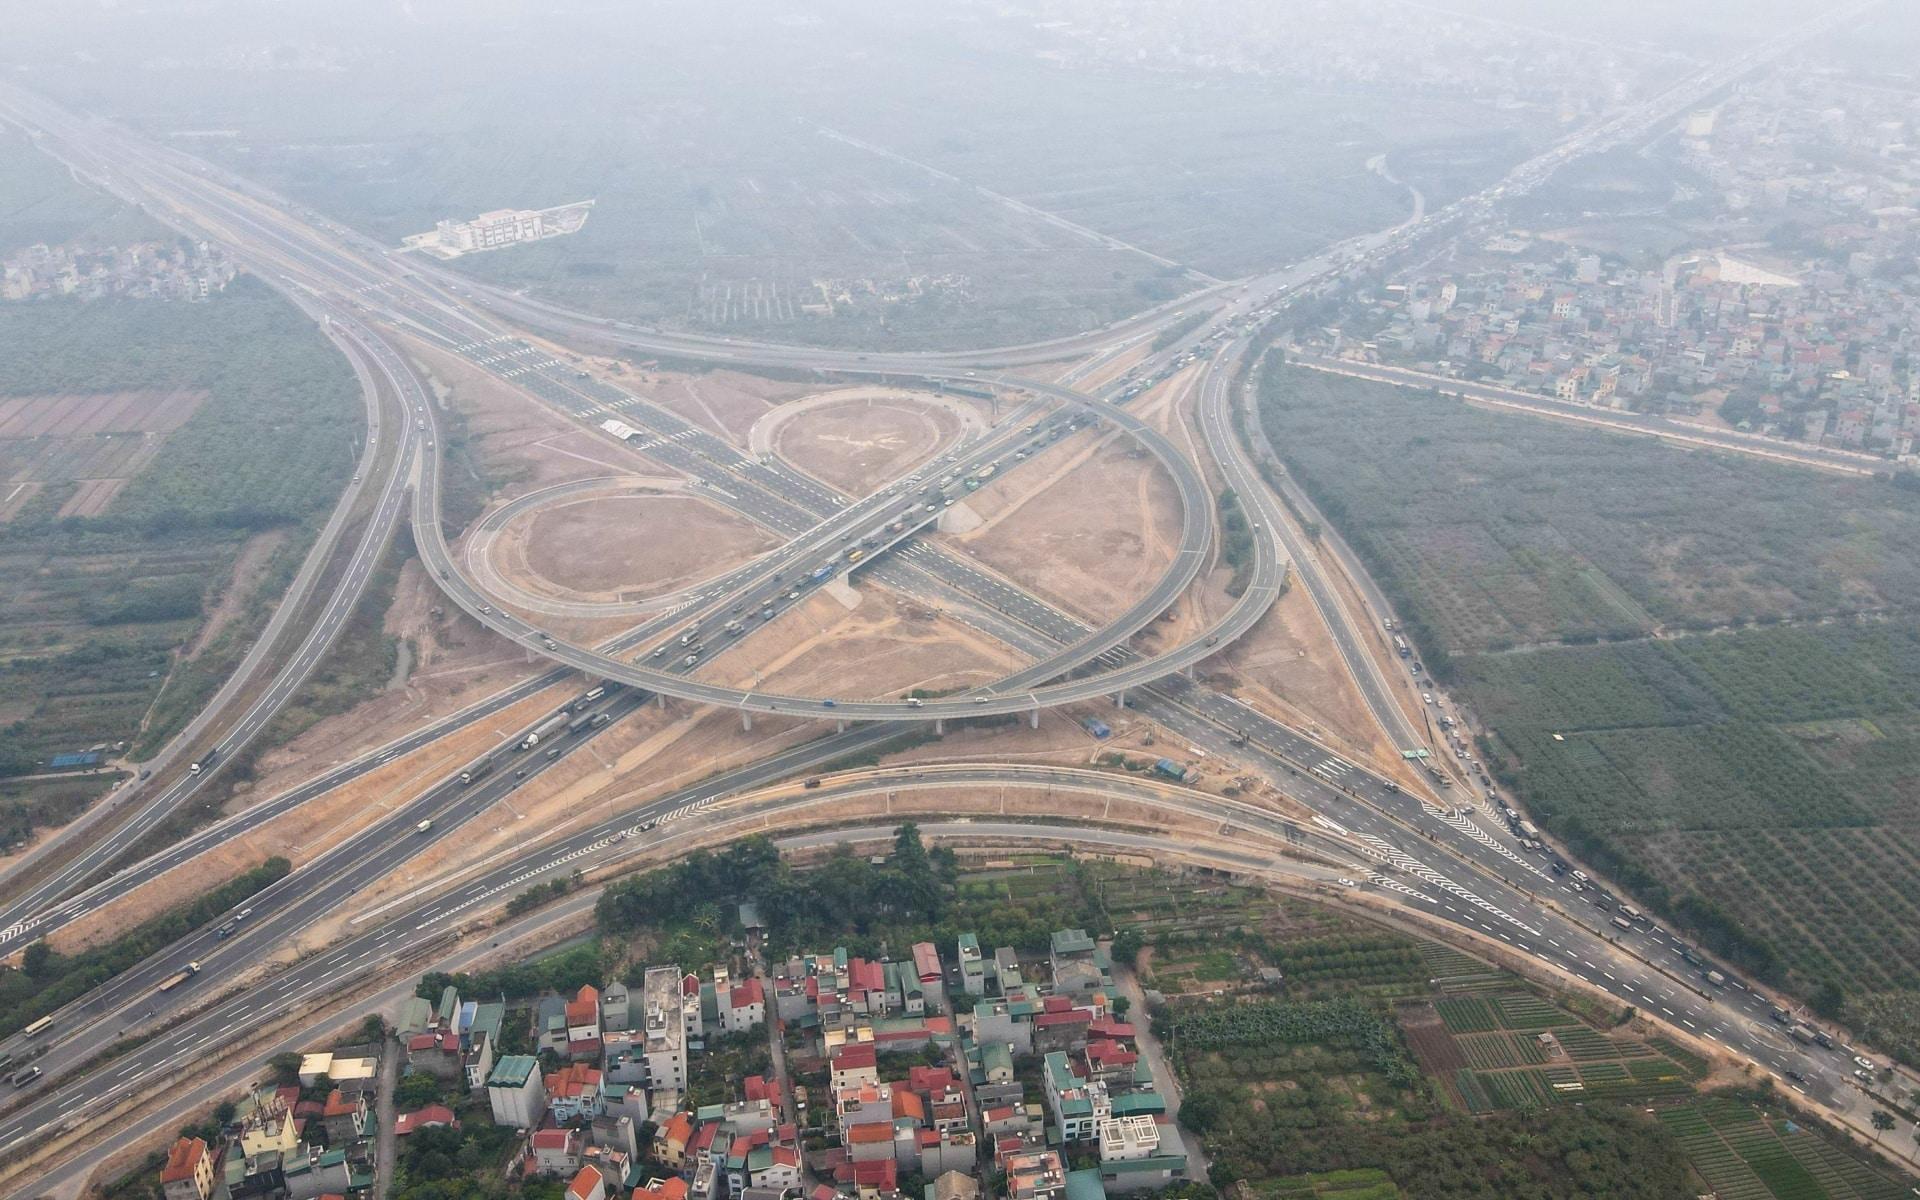 Nút giao Vành đai 3 TP Hà Nội với Cao tốc Hà Nội - Hải Phòng